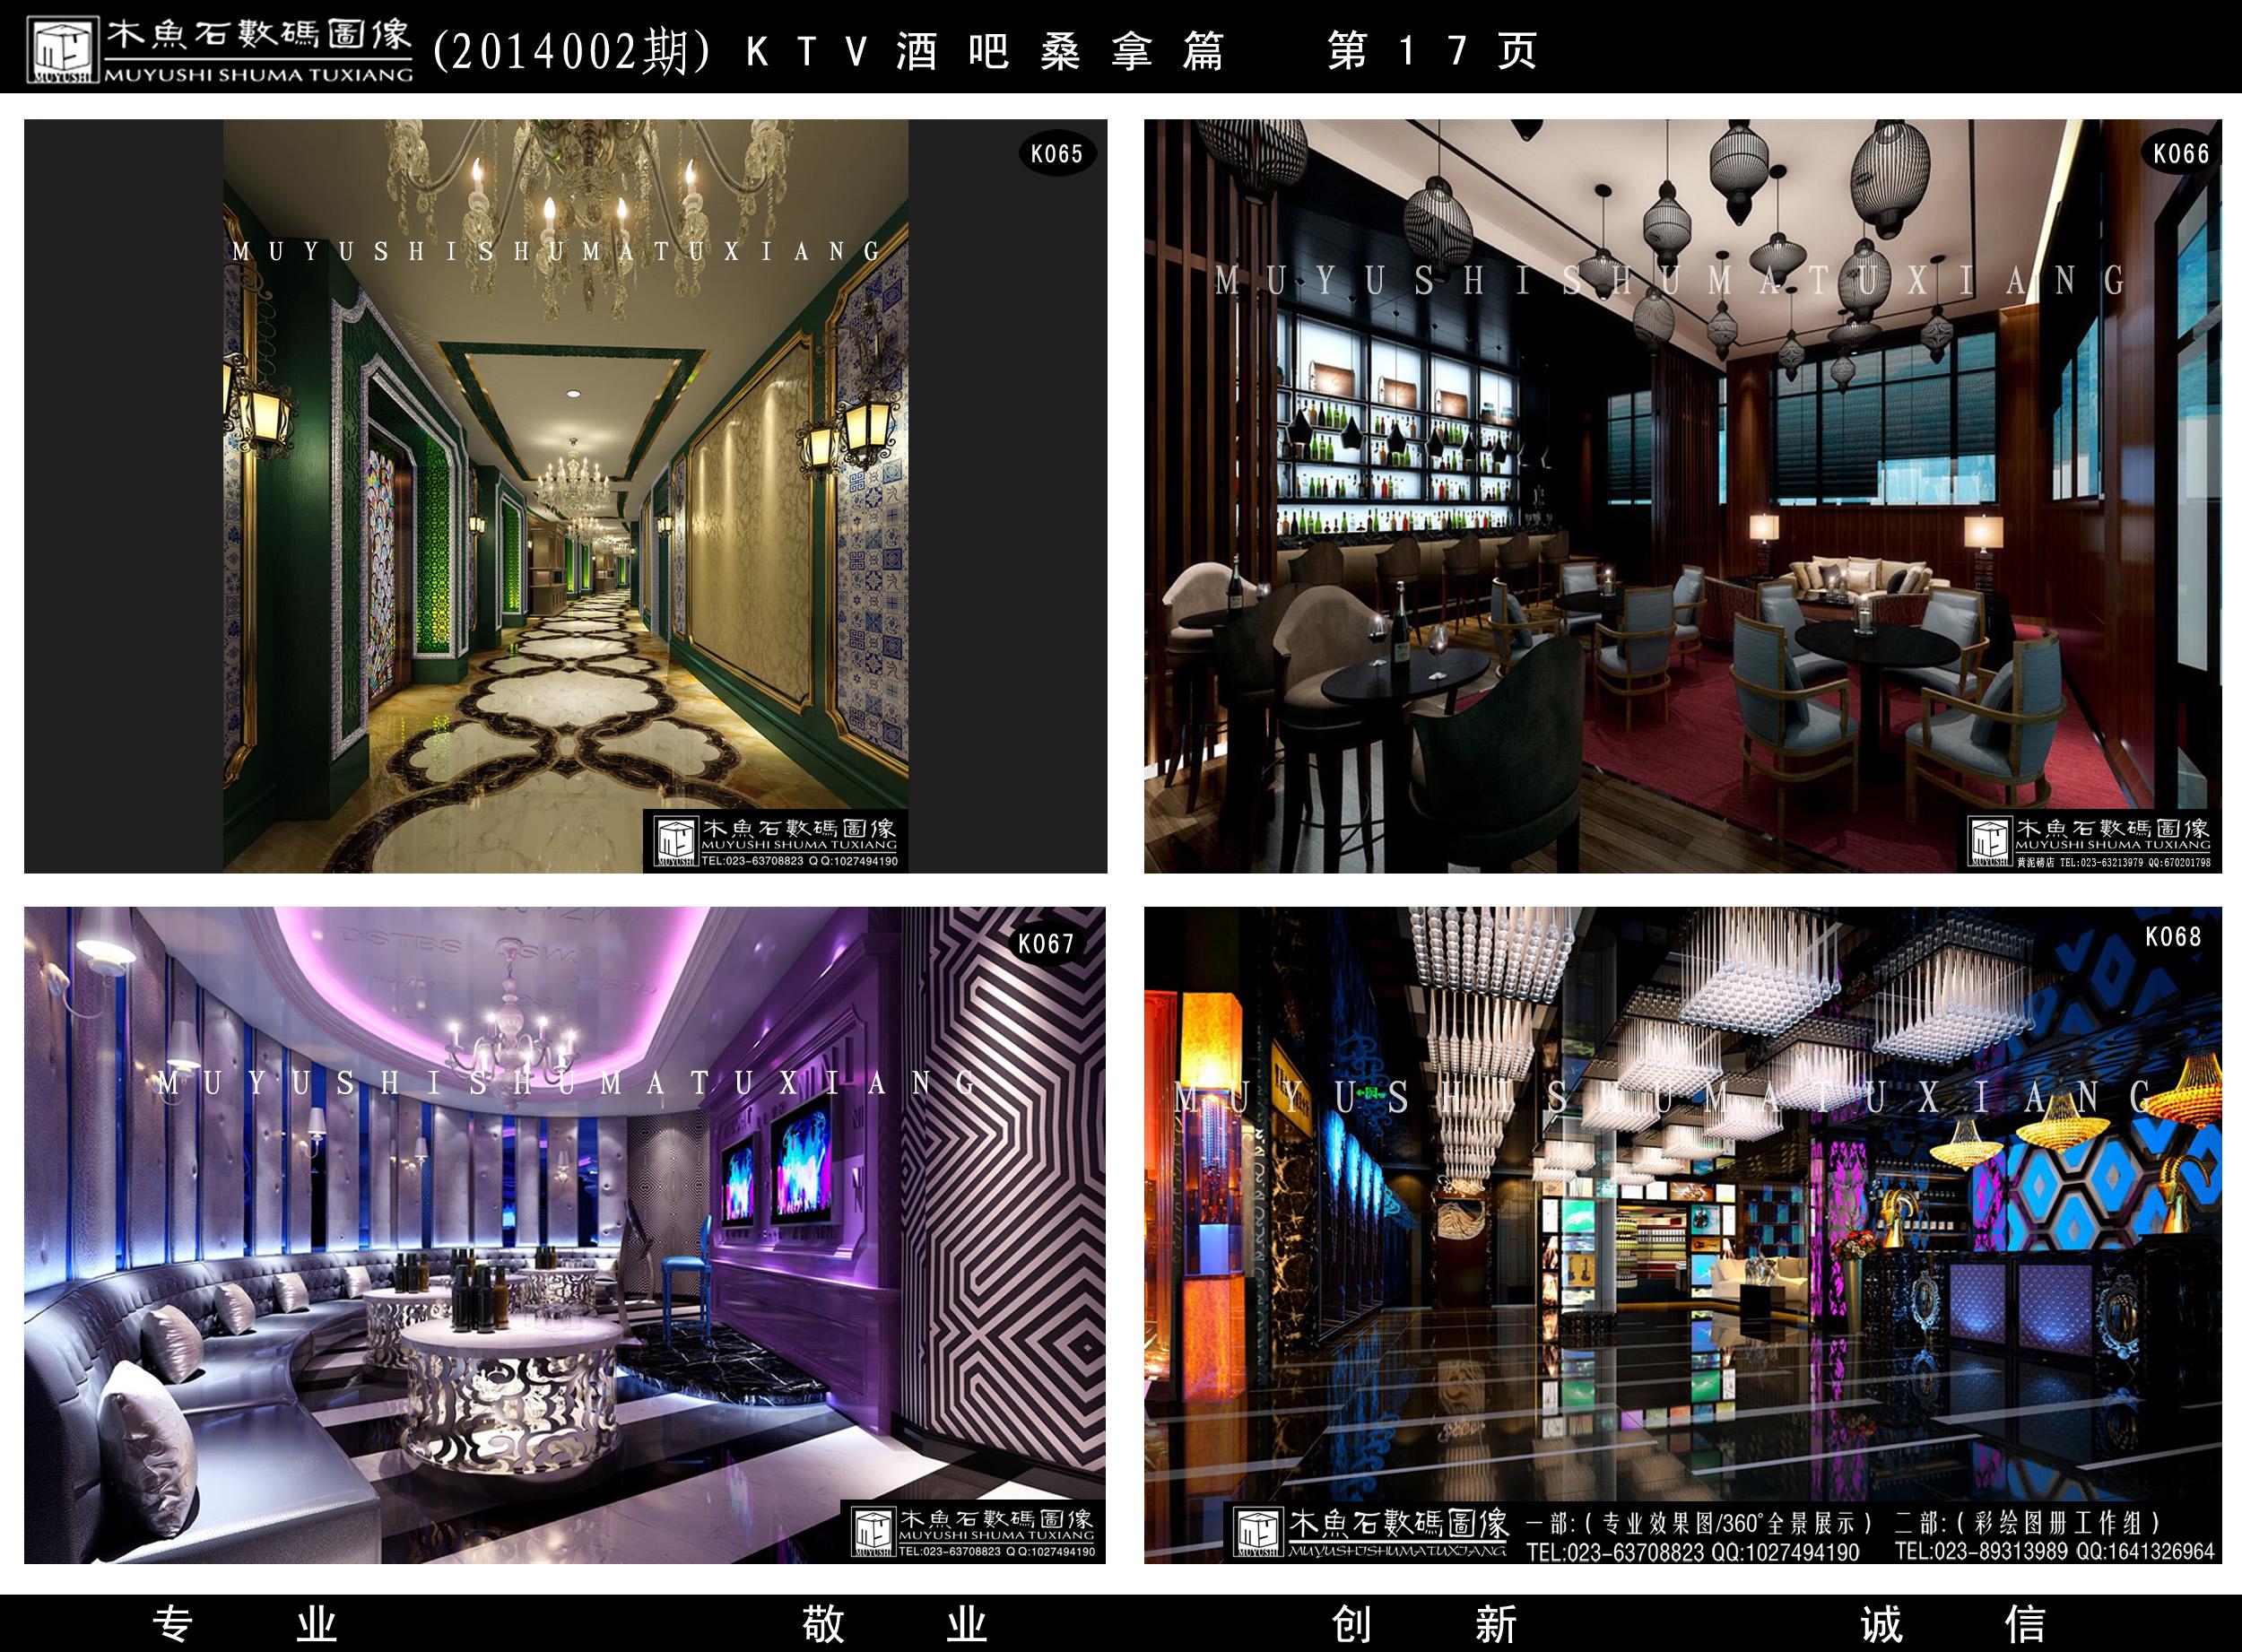 酒吧ktv三维效果图4_三维动画与效果图设计制作_酒吧